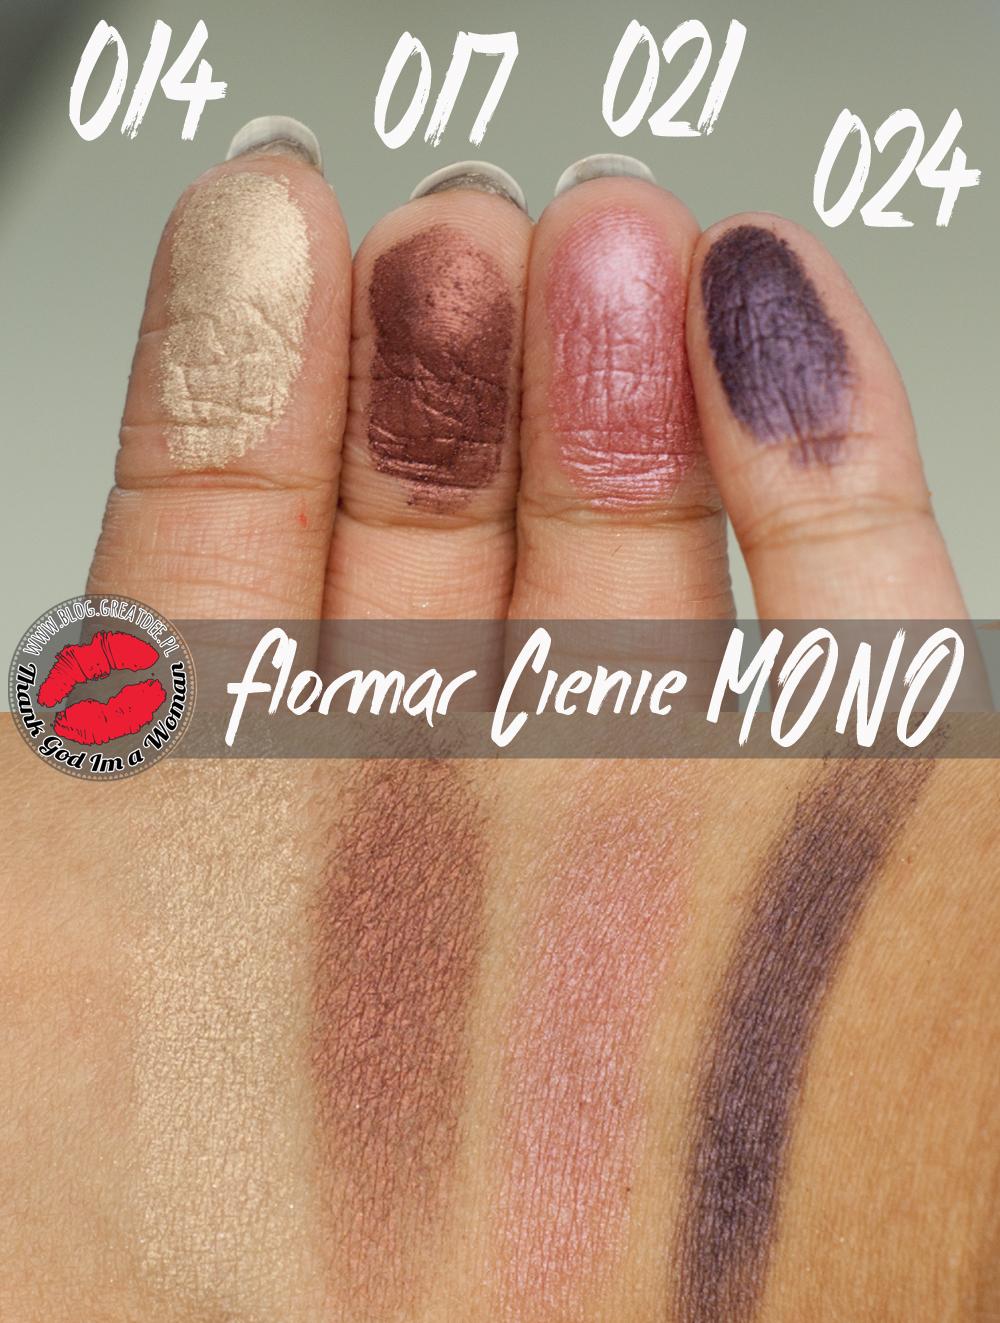 Flormar - cienie z serii MONO 014 017 021 024